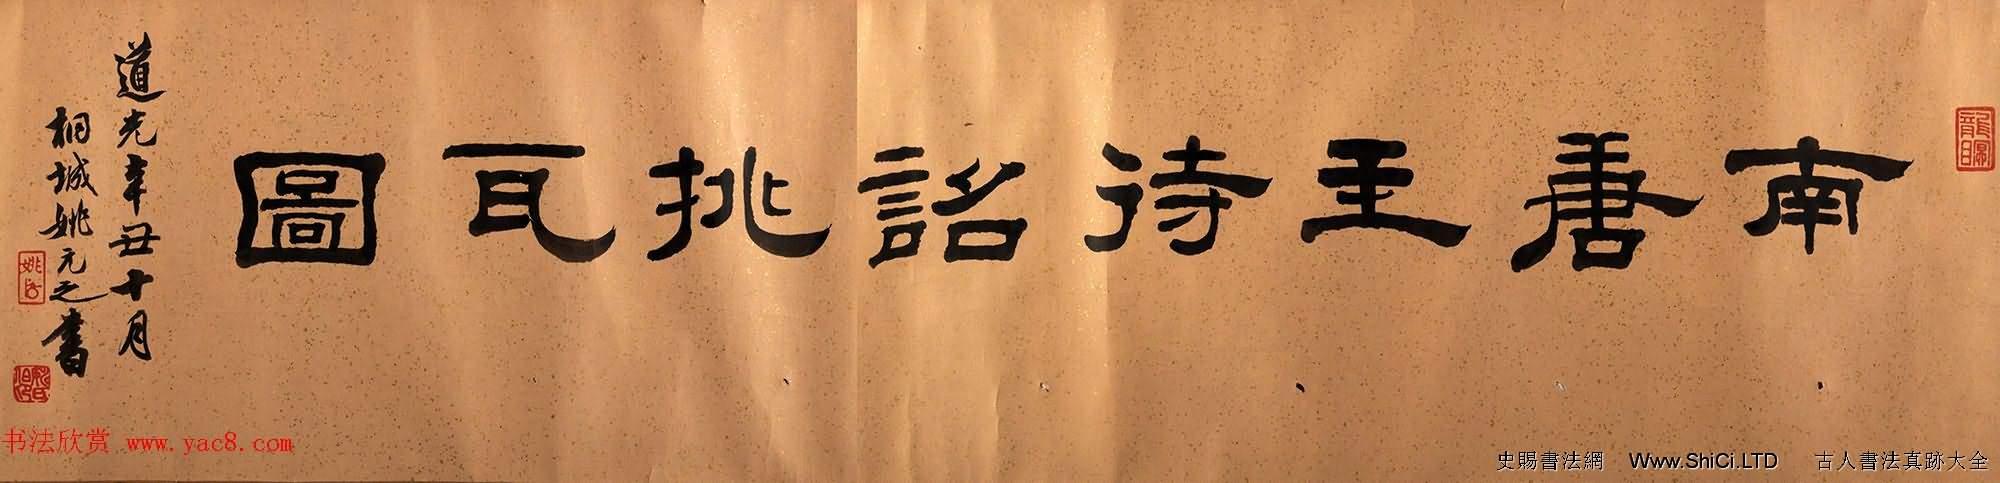 趙佶御題《王齊翰妙筆勘書圖》(共8張圖片)